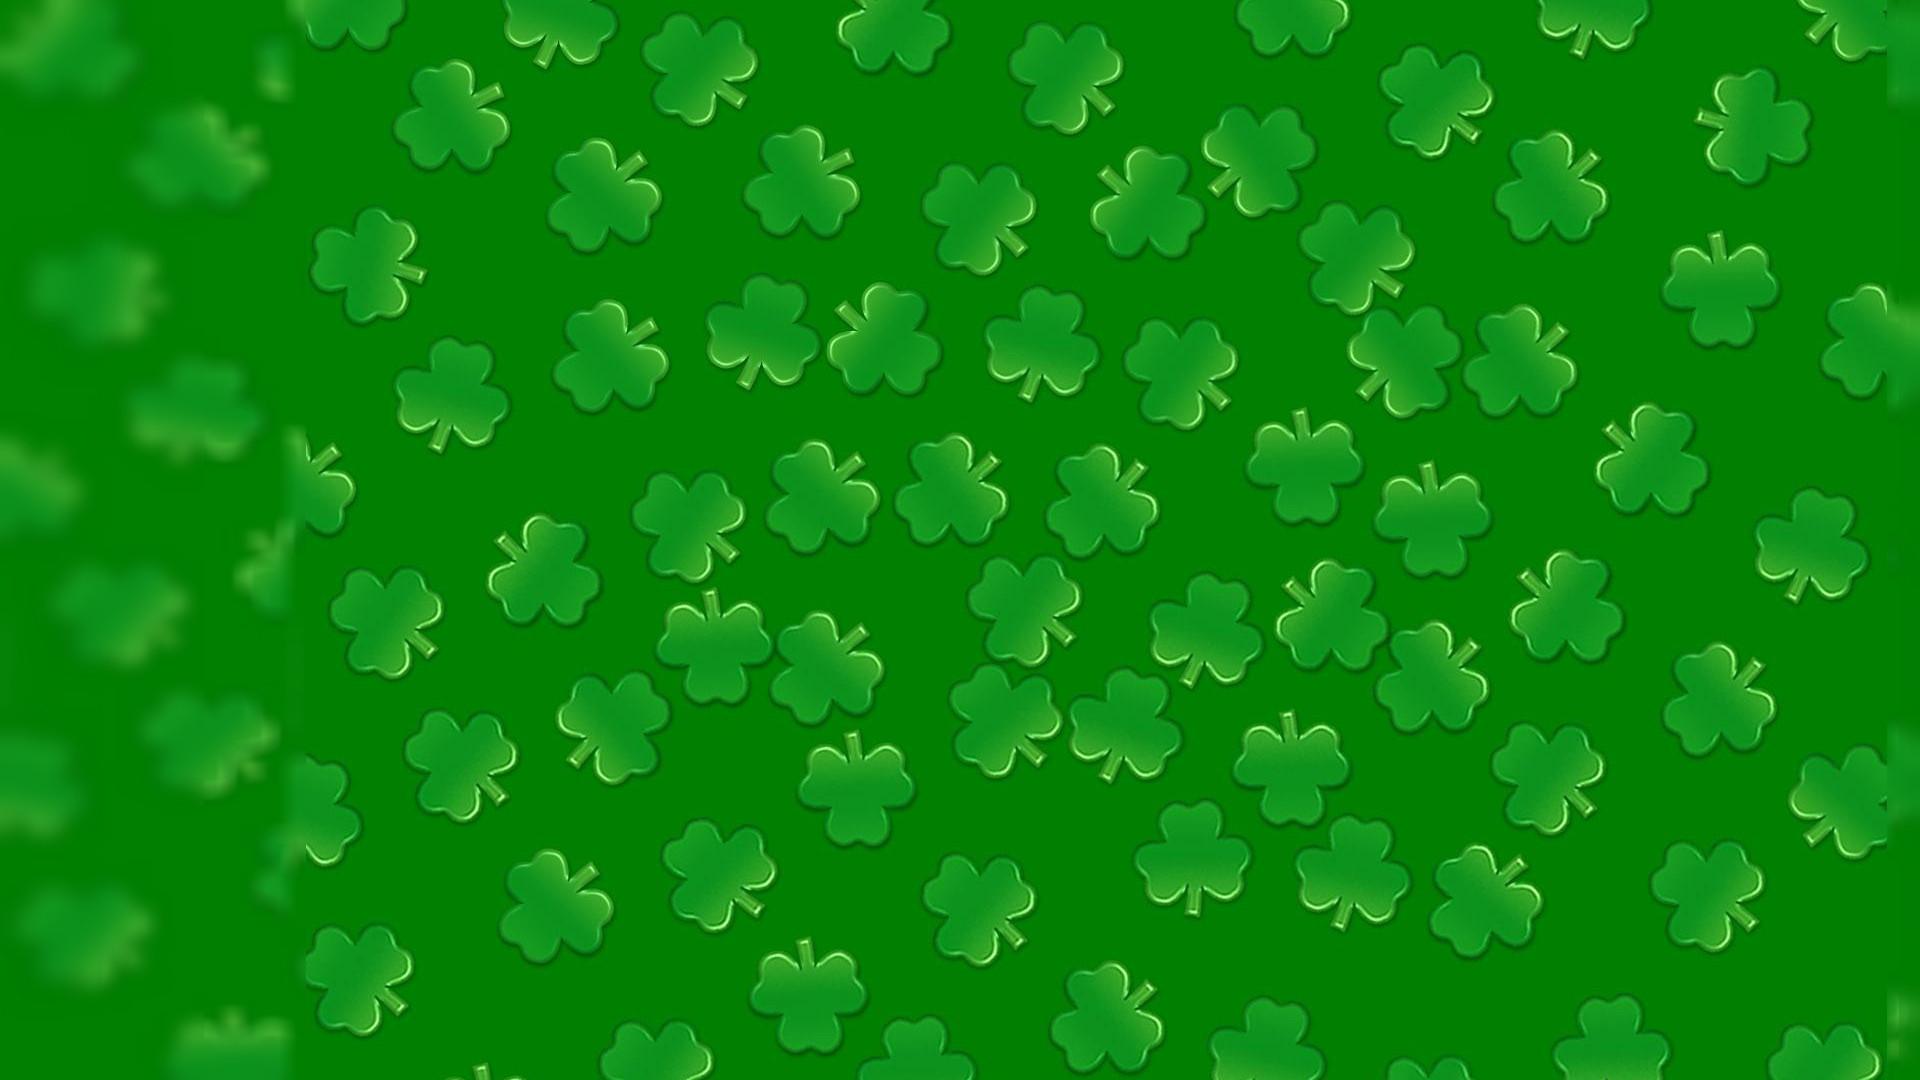 St Patricks Day Desktop Backgrounds 1920x1080